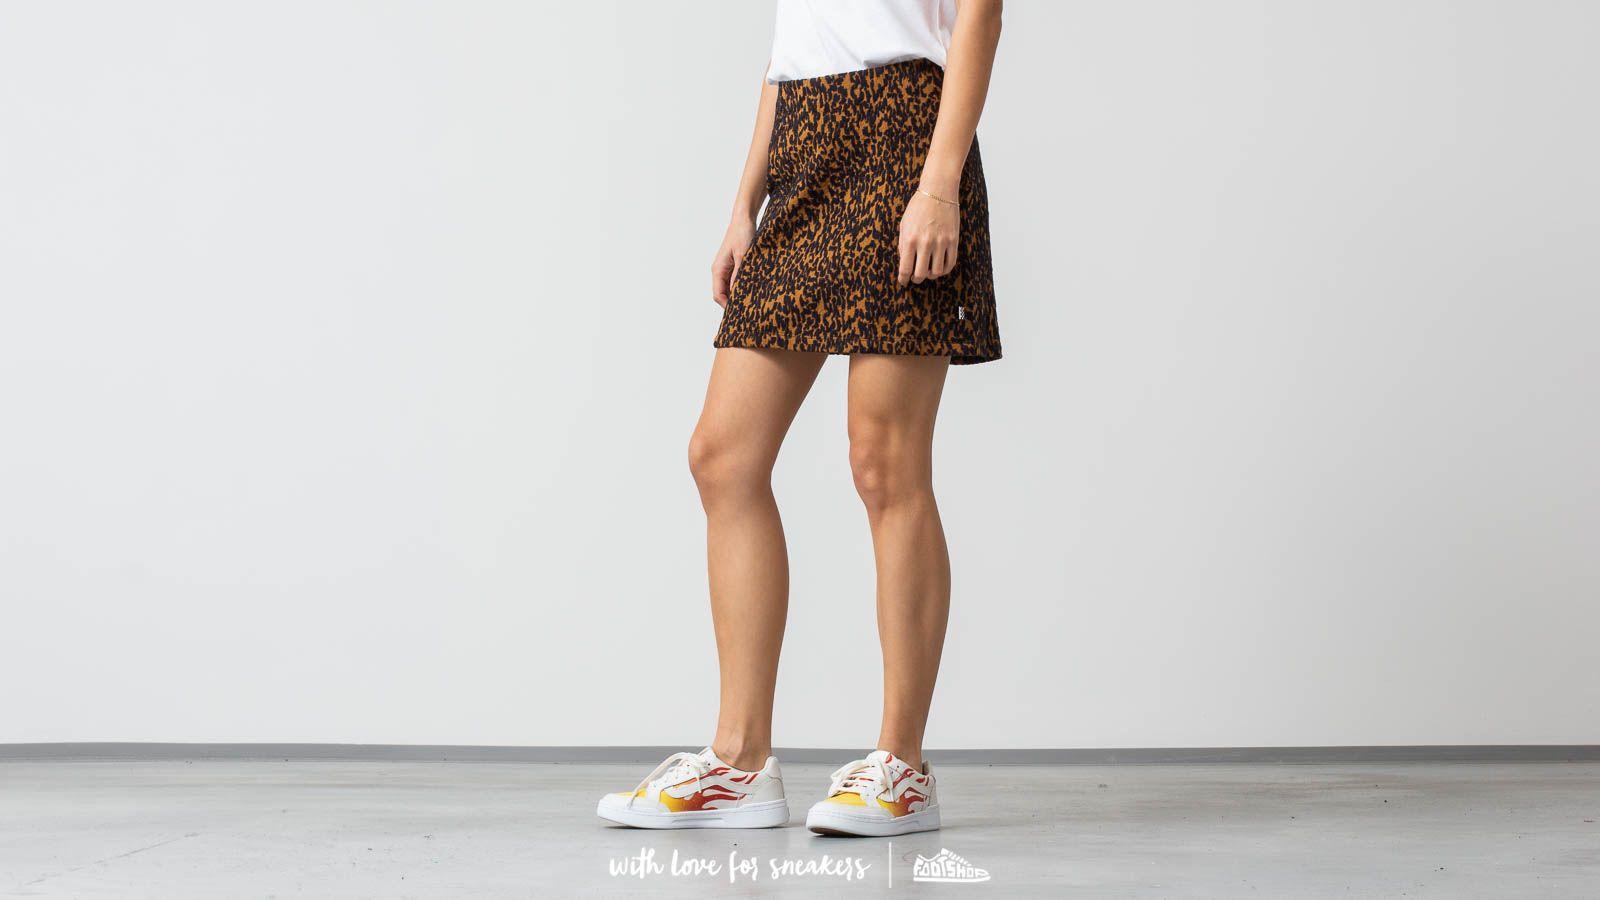 Vans Dusk Skirt Leopard za skvělou cenu 590 Kč koupíte na Footshop.cz